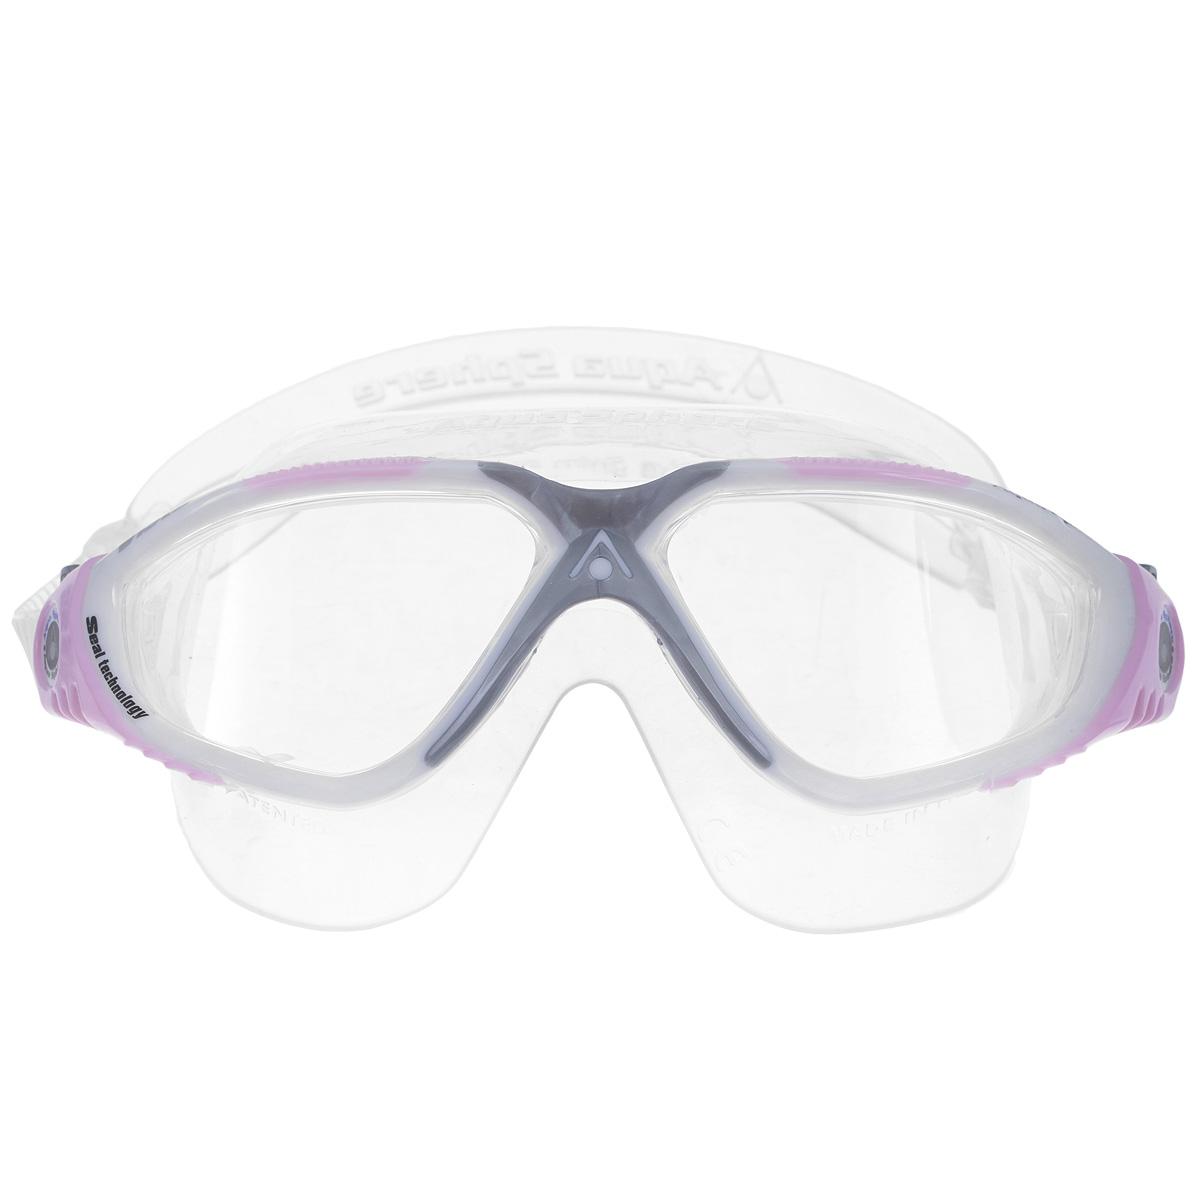 Очки для плавания Aqua Sphere Vista Lady, цвет: белый, розовыйTN 169610Очки Aqua Sphere Vista Lady имеют исключительно малую парусность, что минимизирует вероятность их сползания во время плавания. Кристально прозрачные полукруглые линзы обеспечивают обзор 180°. Очки дают 100% защиту от ультрафиолетового излучения. Специальное покрытие препятствует запотеванию стекол.Материал: силикон, plexisol.